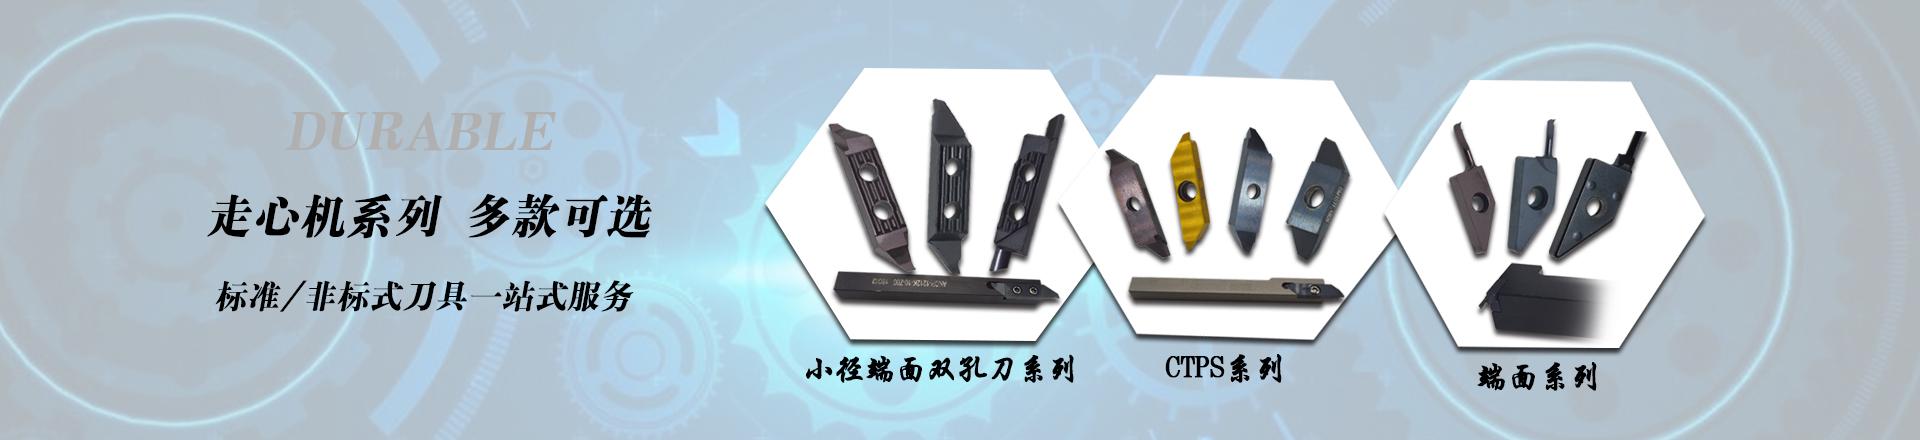 深圳市鑫明辉钻石刀具黄金8彩票